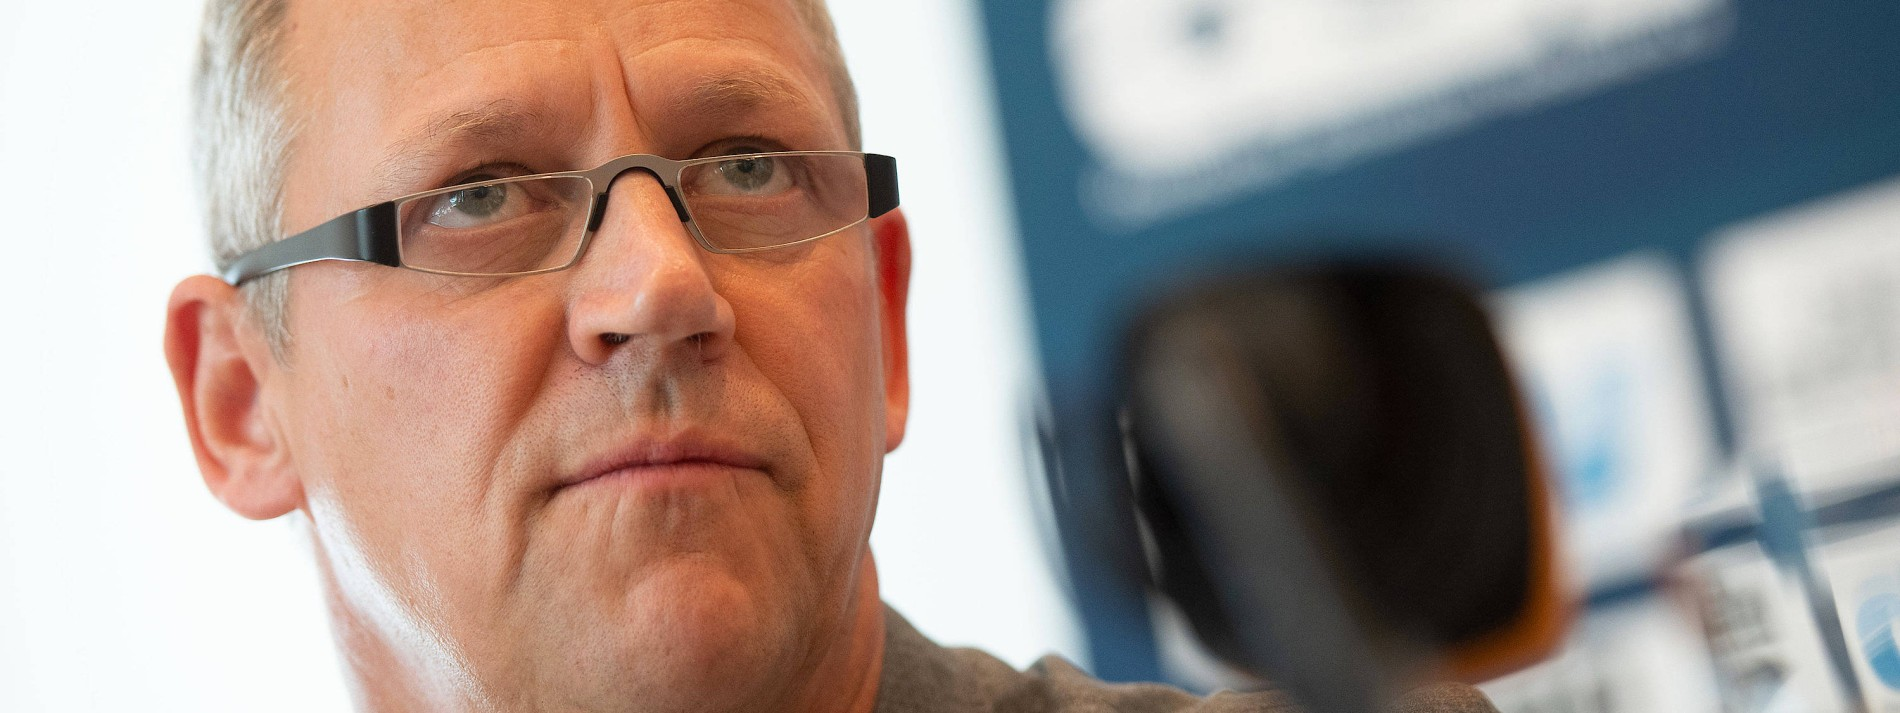 Schwimmverband stellt Sportdirektor frei